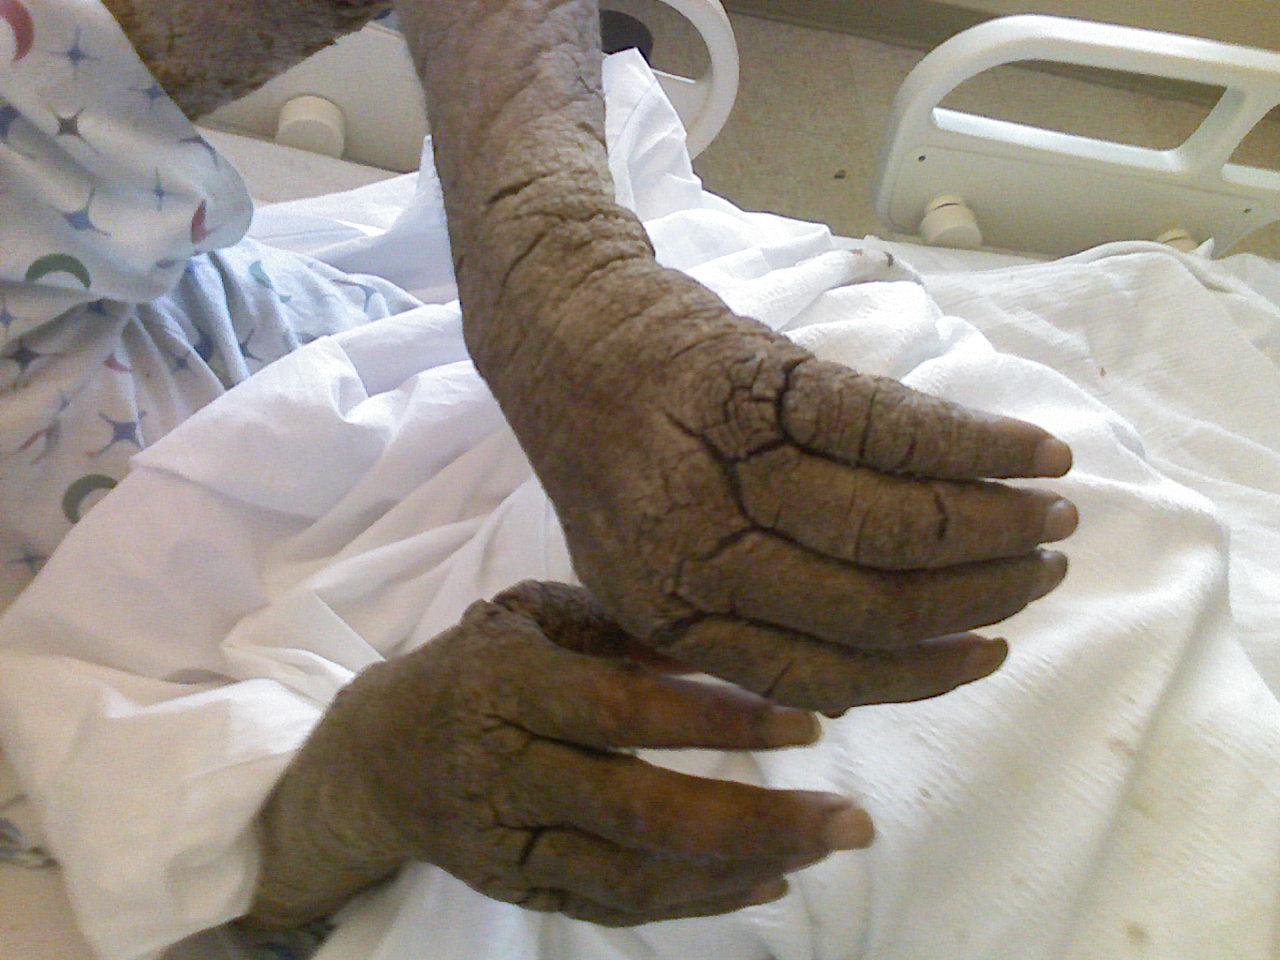 Vörös foltok a térdeken, a könyökön és a kezeken A bőr elszíneződése nem maga betegség, csak tünet